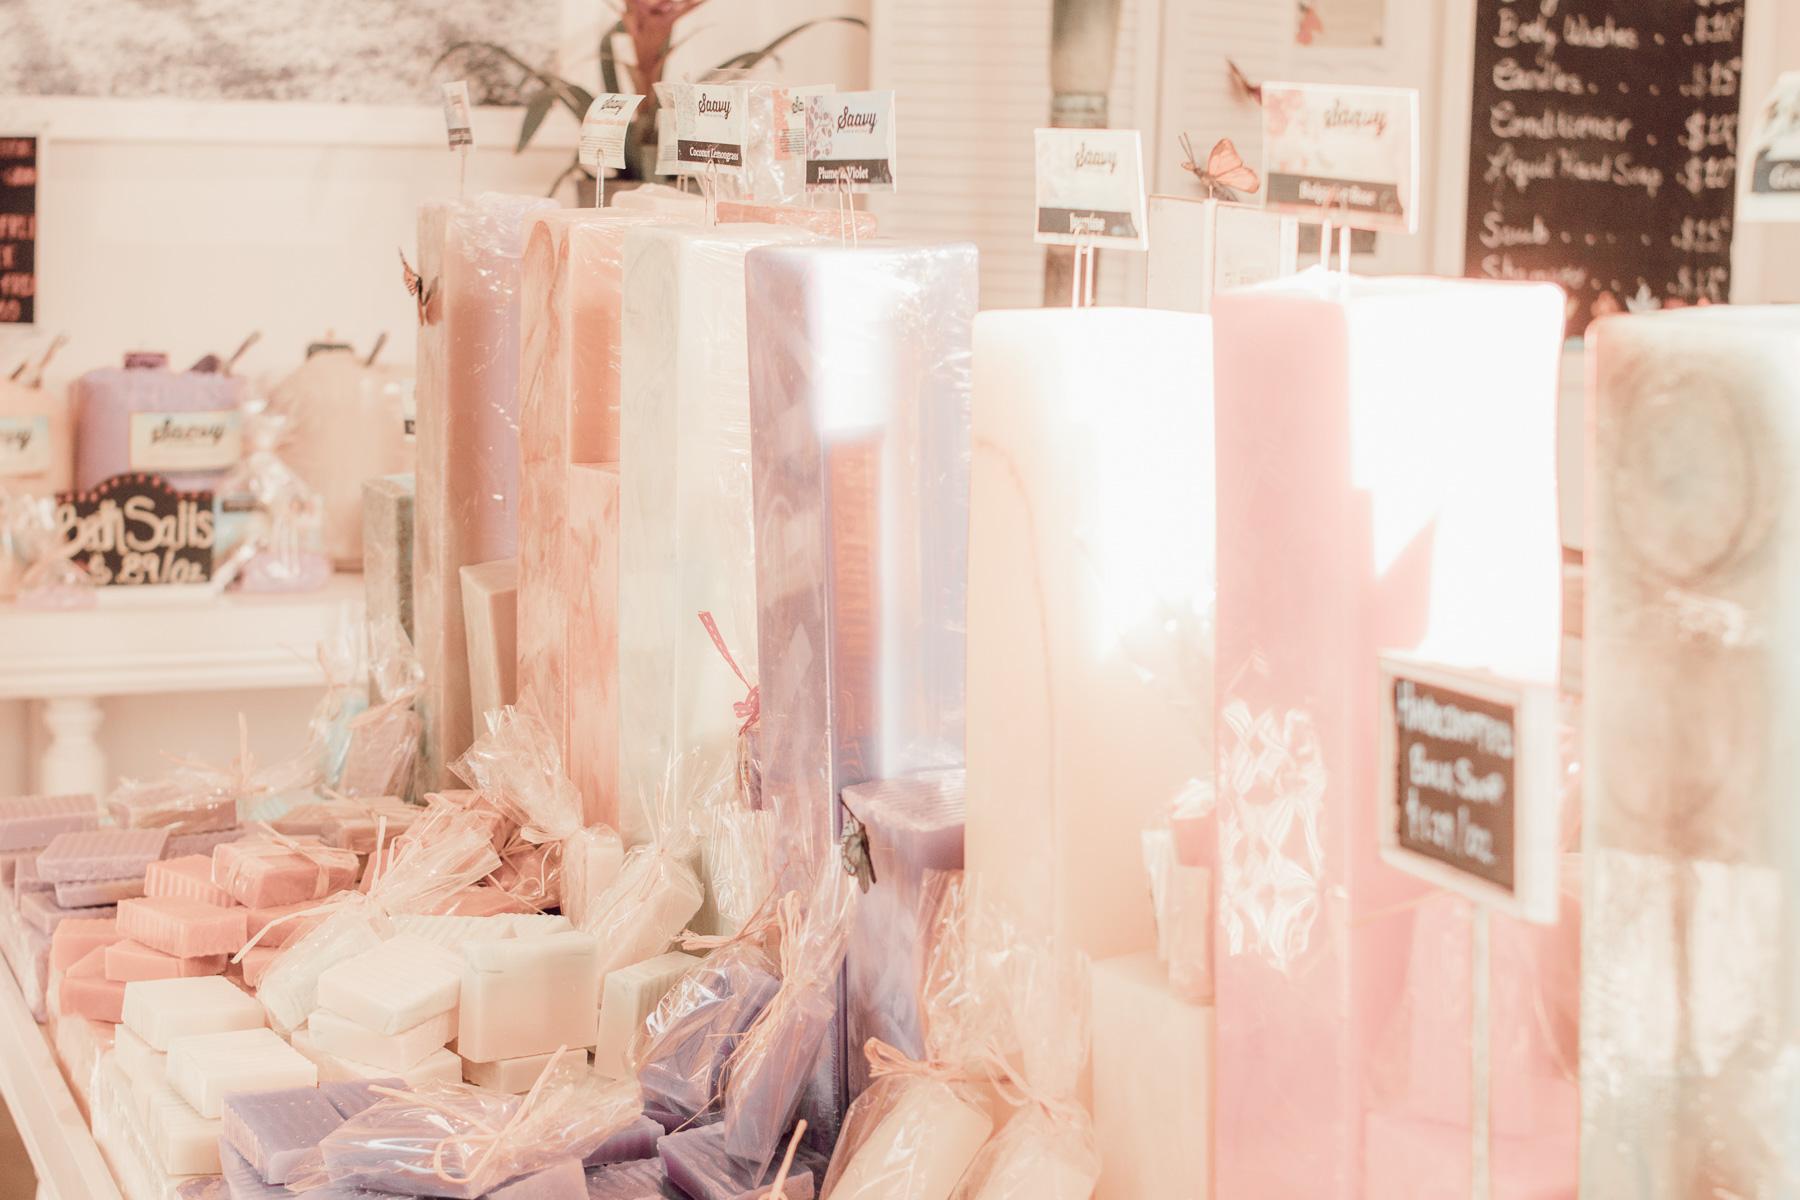 all natural soap bars on display at Saavy Naturals